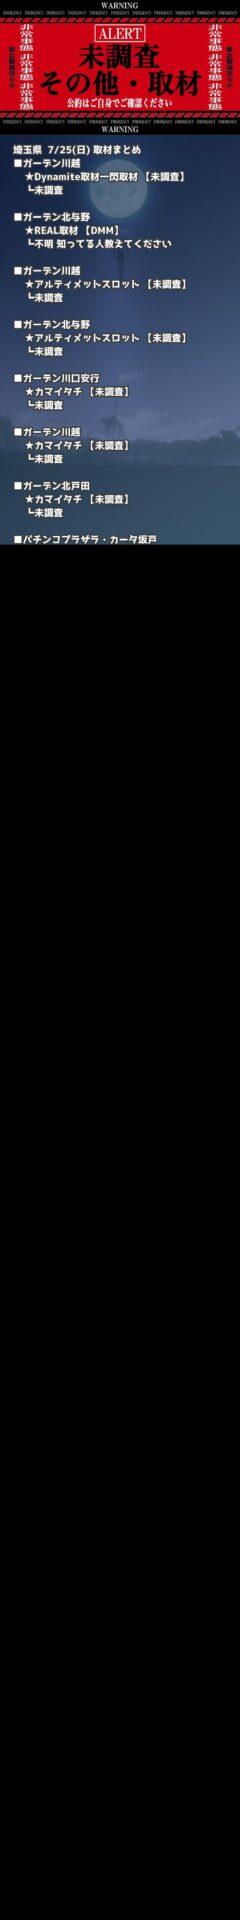 埼玉県_2021-07-25_未調査_パチンコ・パチスロ